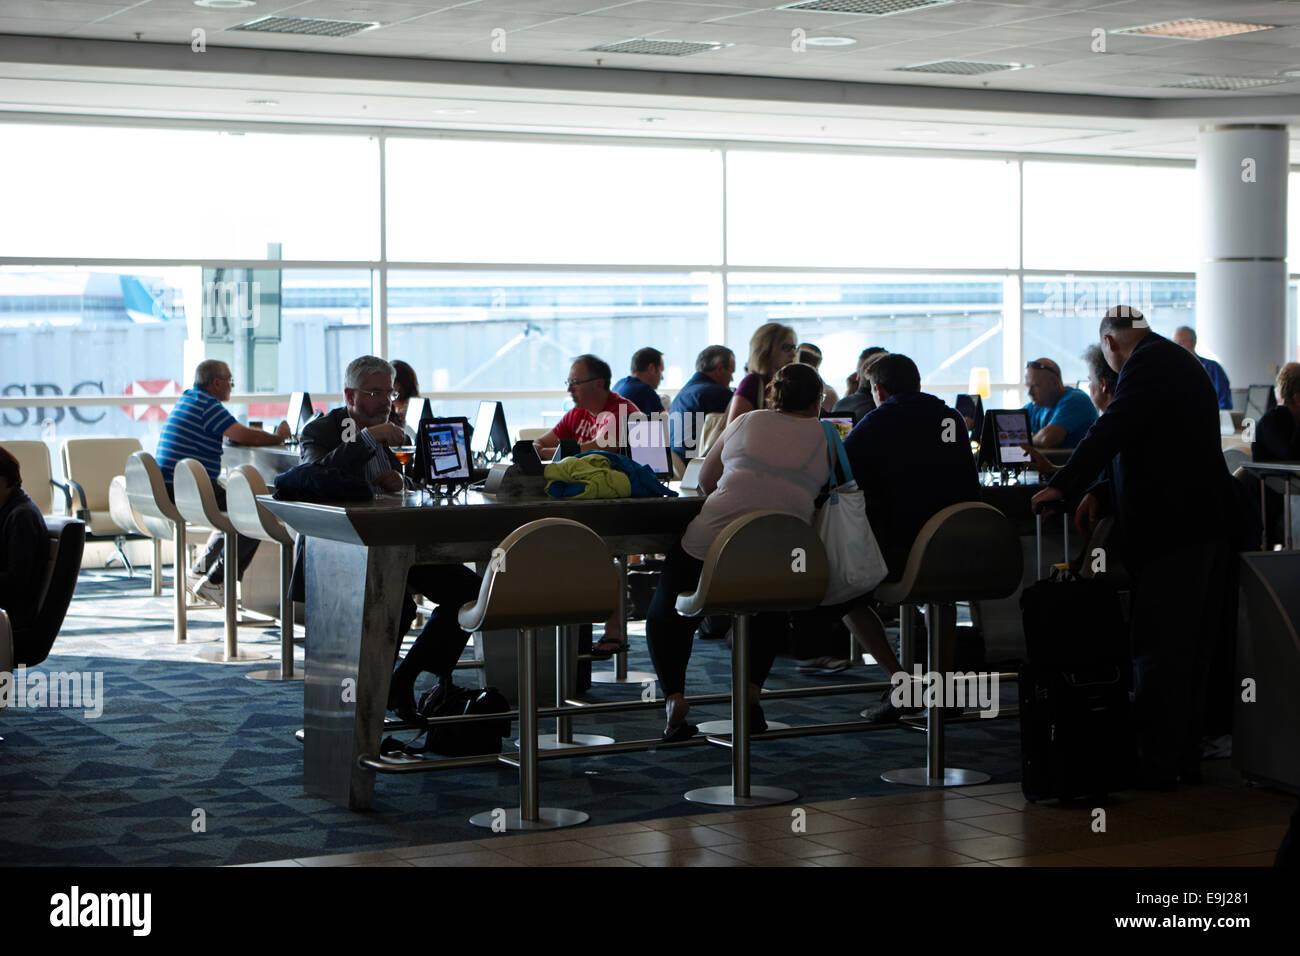 Los pasajeros que utilicen terminales wifi gratuita en la terminal 3 del aeropuerto internacional Pearson de Toronto Imagen De Stock